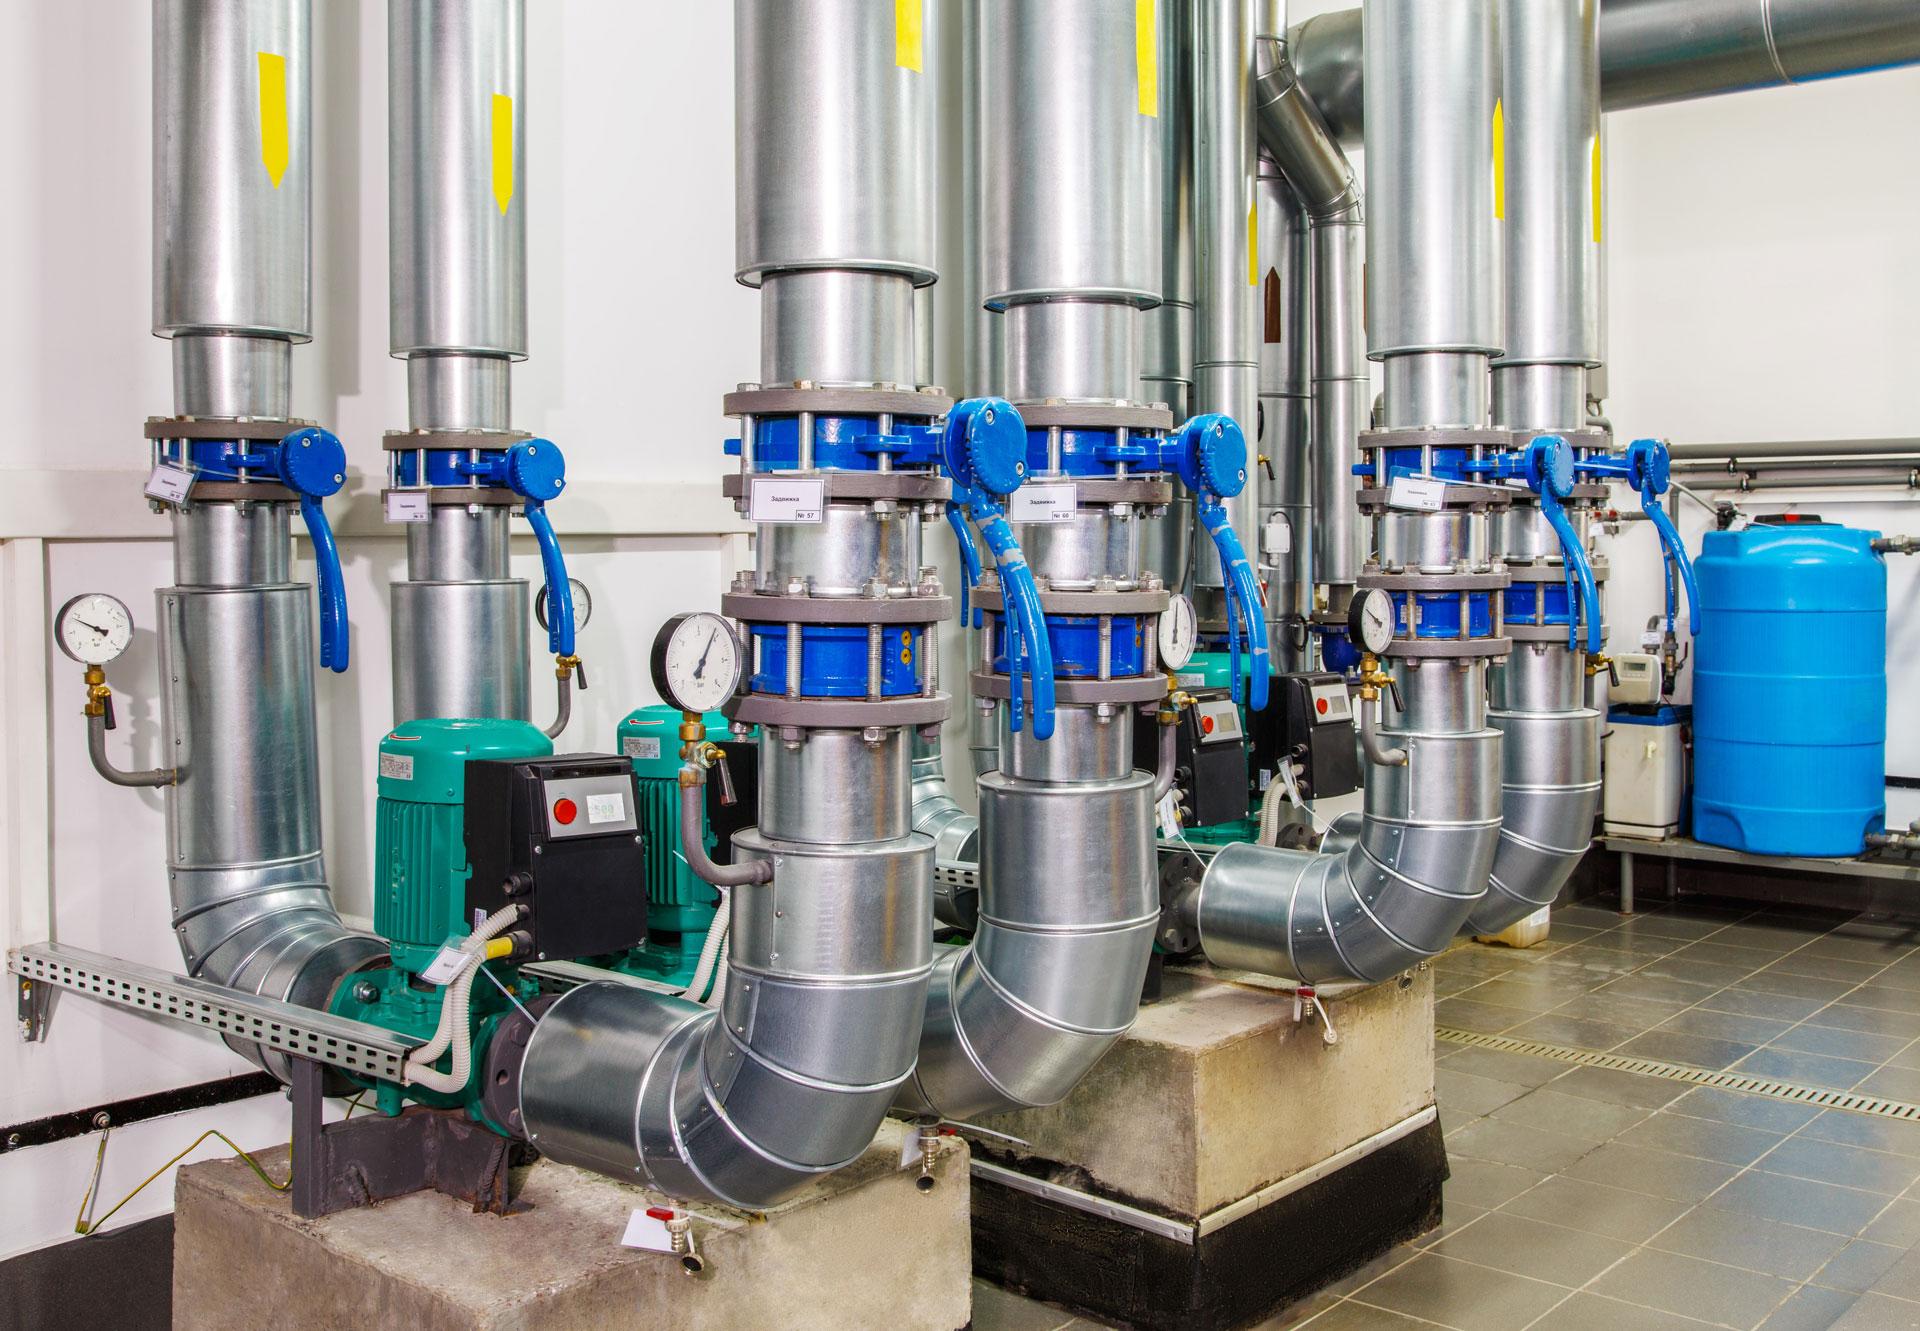 Мониторинг трубовопроводов, подсчет расхода воды